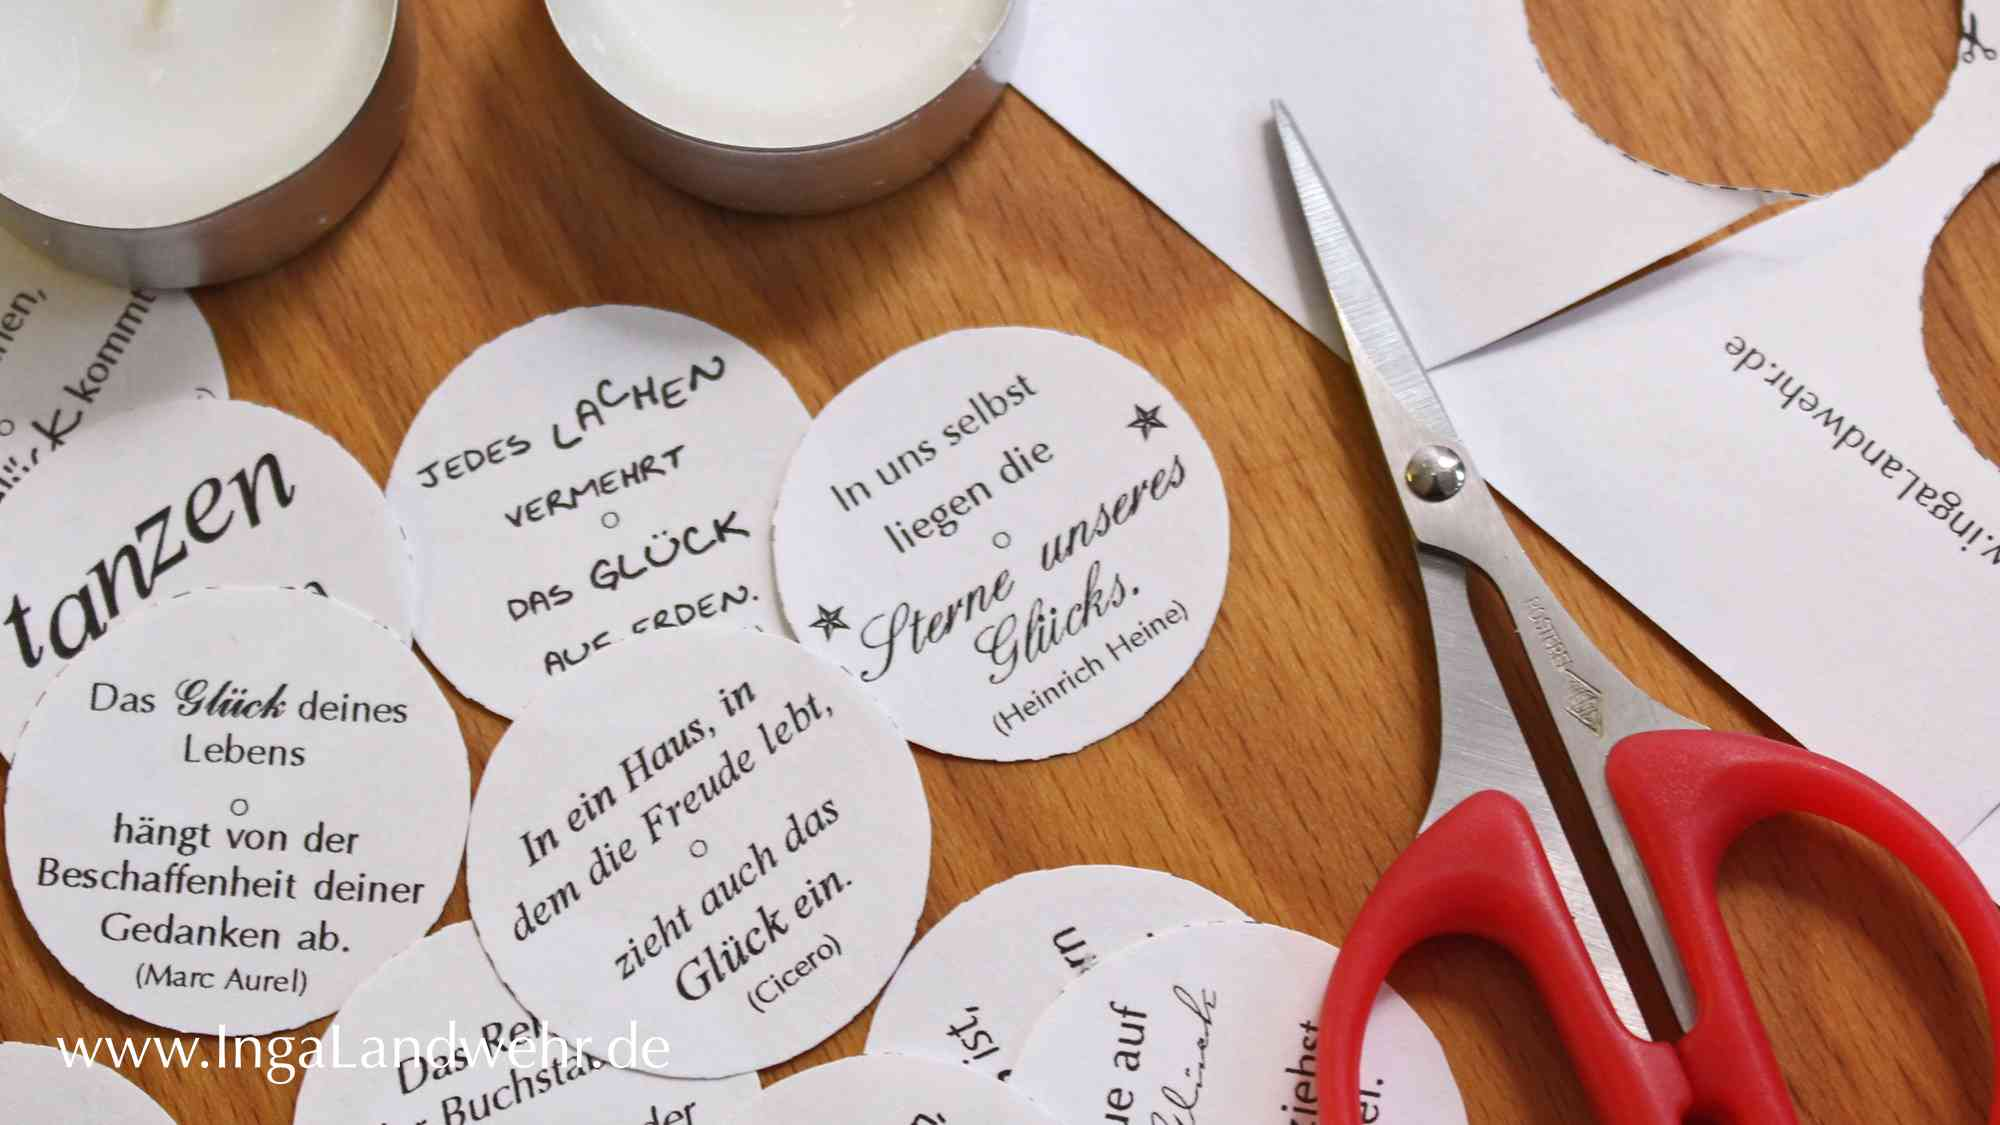 ausgeshcnitte Papierkreise lieben neben einer Schere und Teelichtern